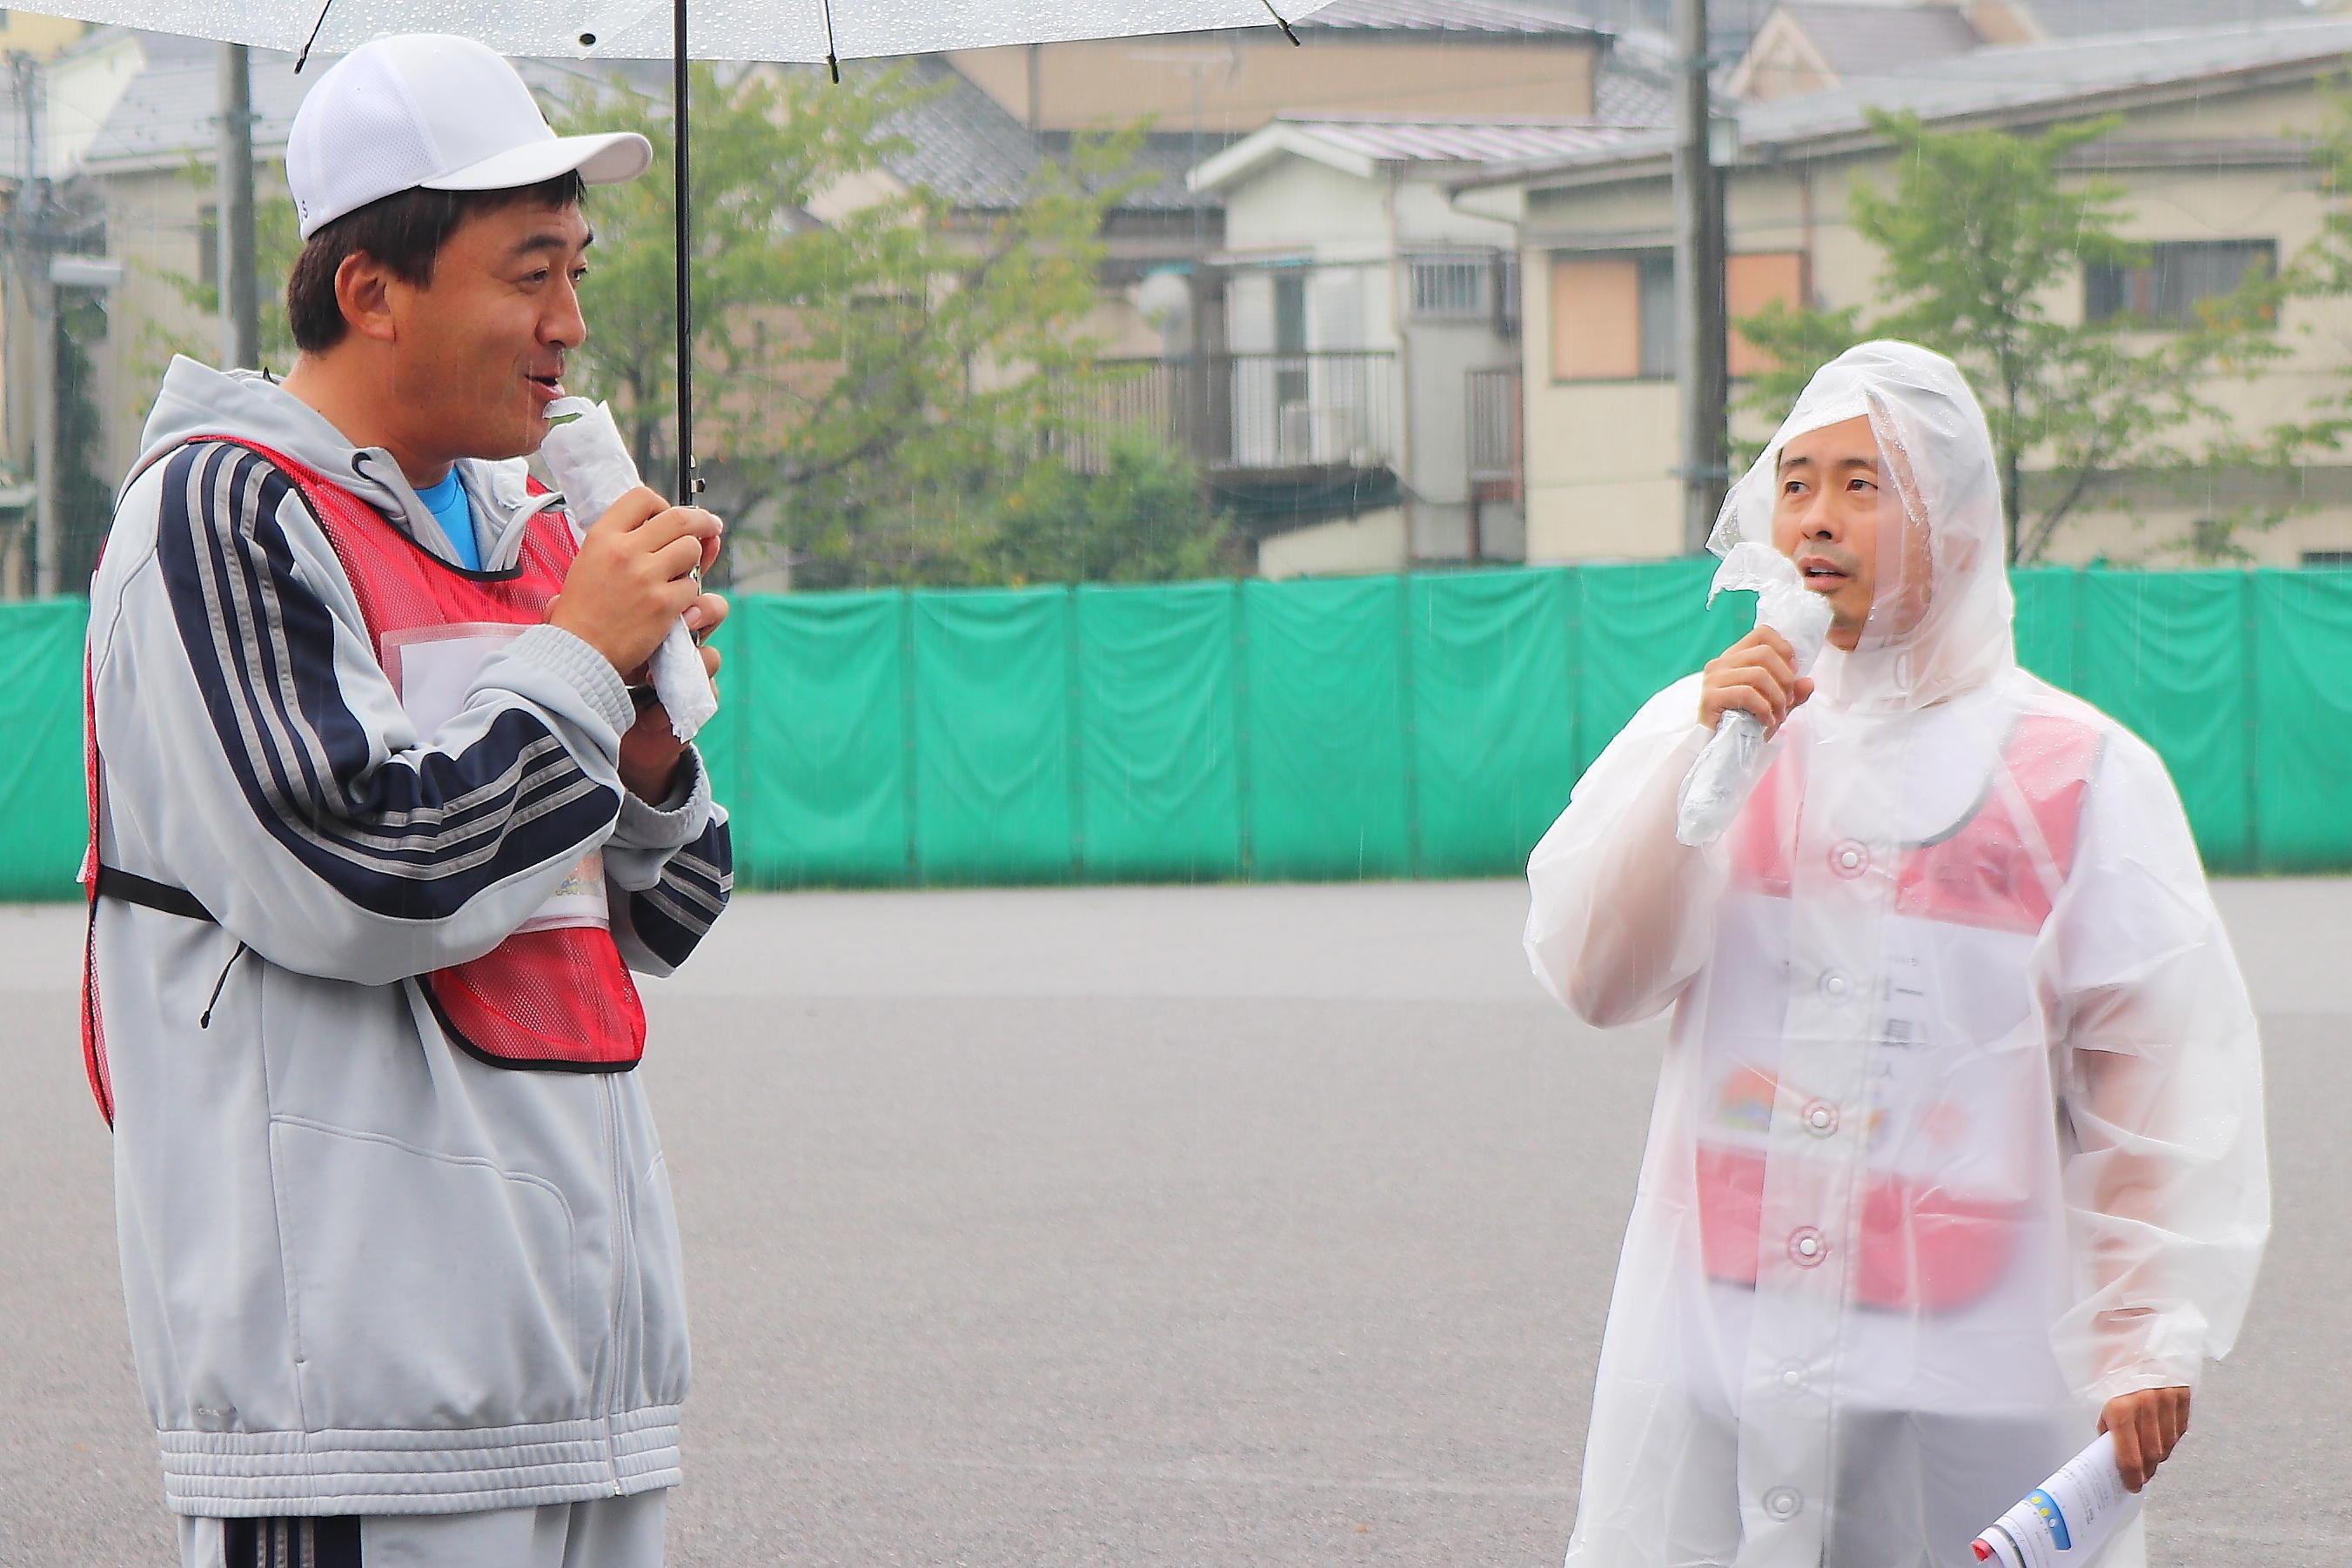 http://news.yoshimoto.co.jp/20181003212934-24d334126abf0b418a90e09f8b60201fdc72c626.jpg